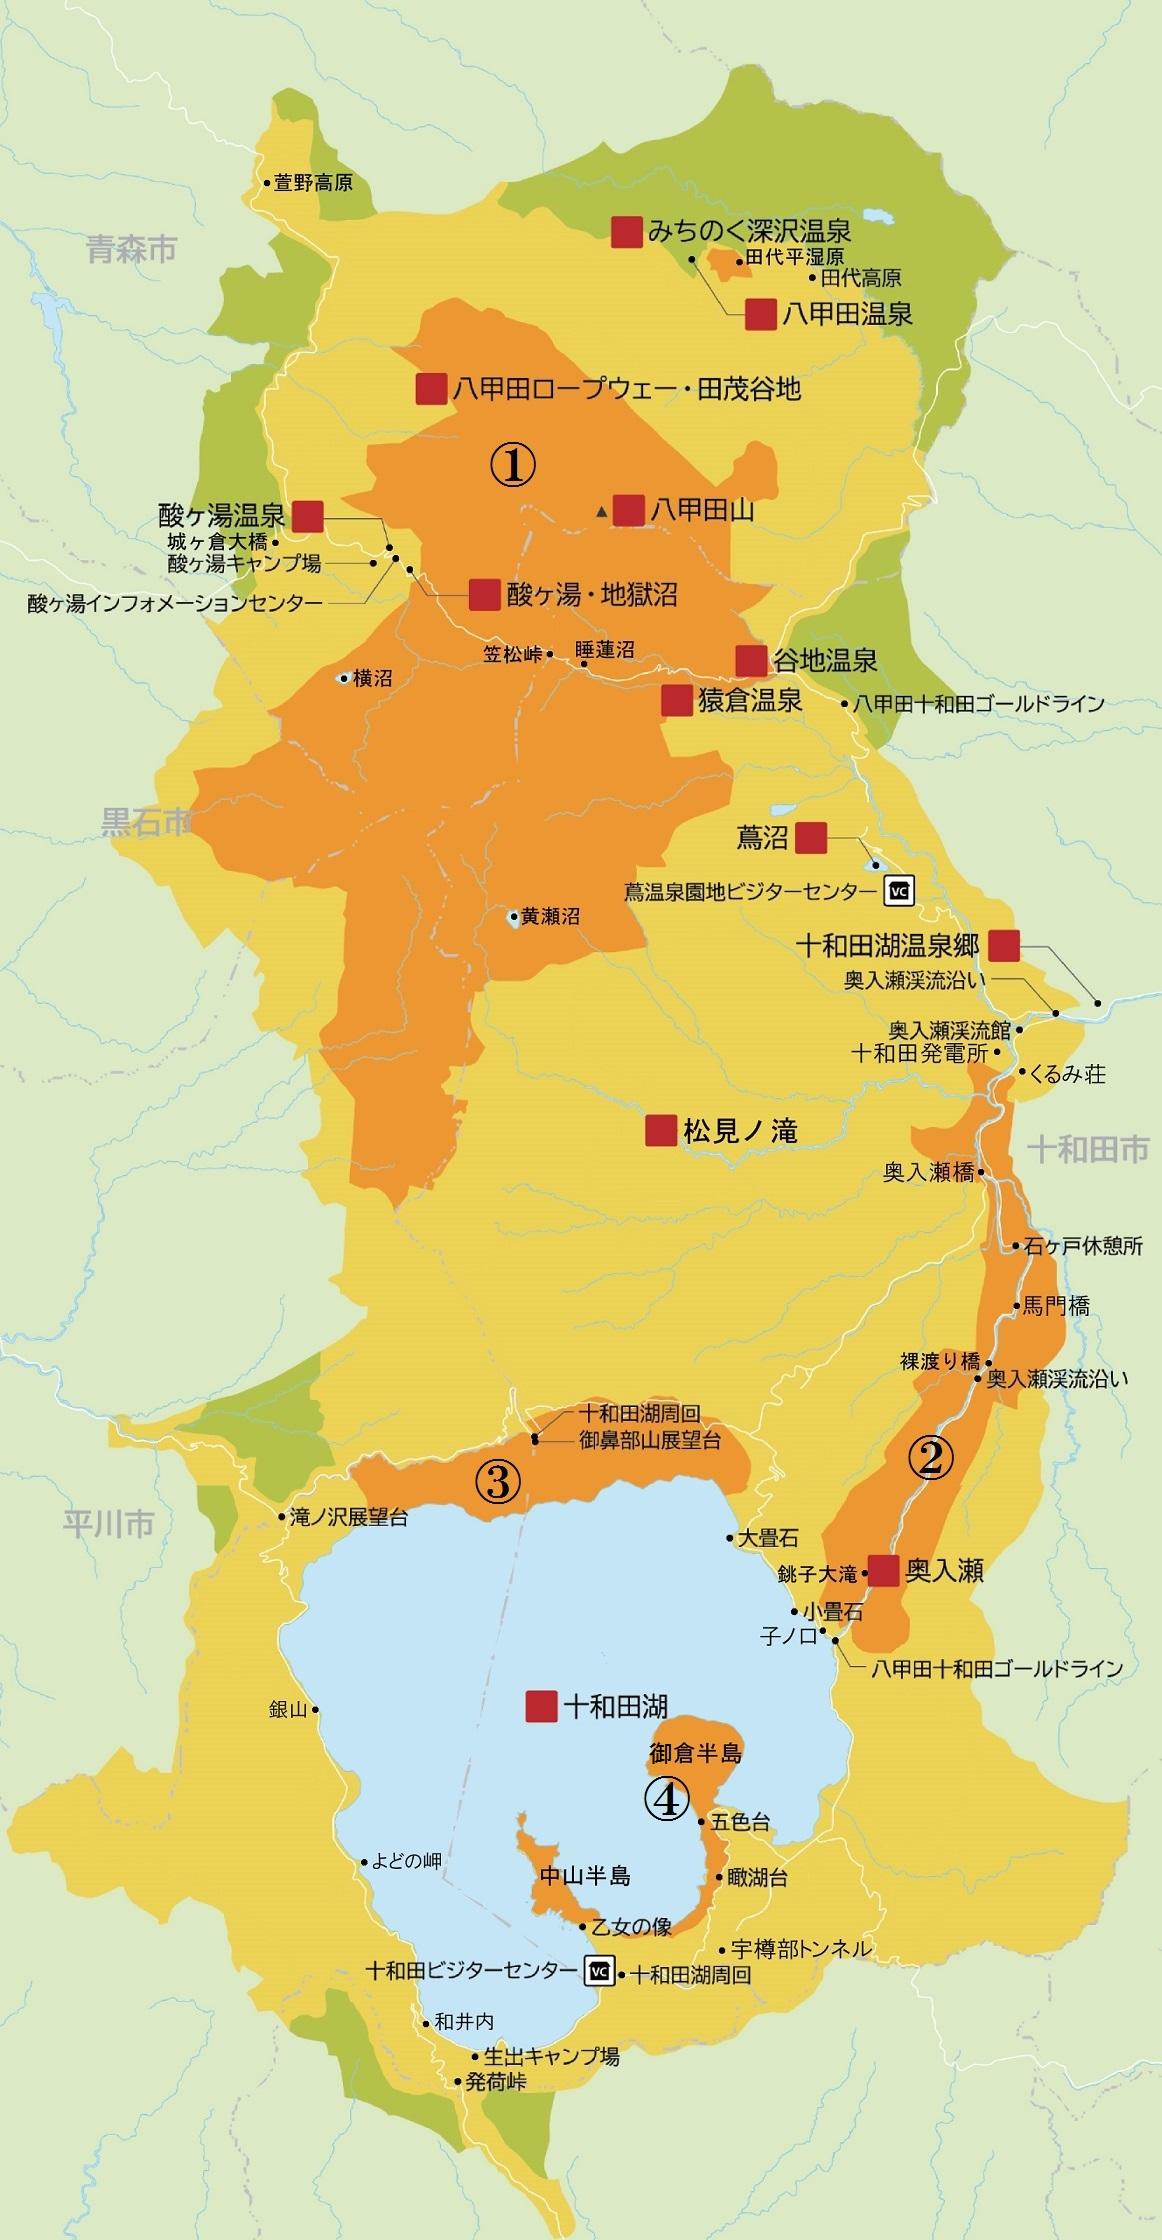 十和田八幡平国立公園図